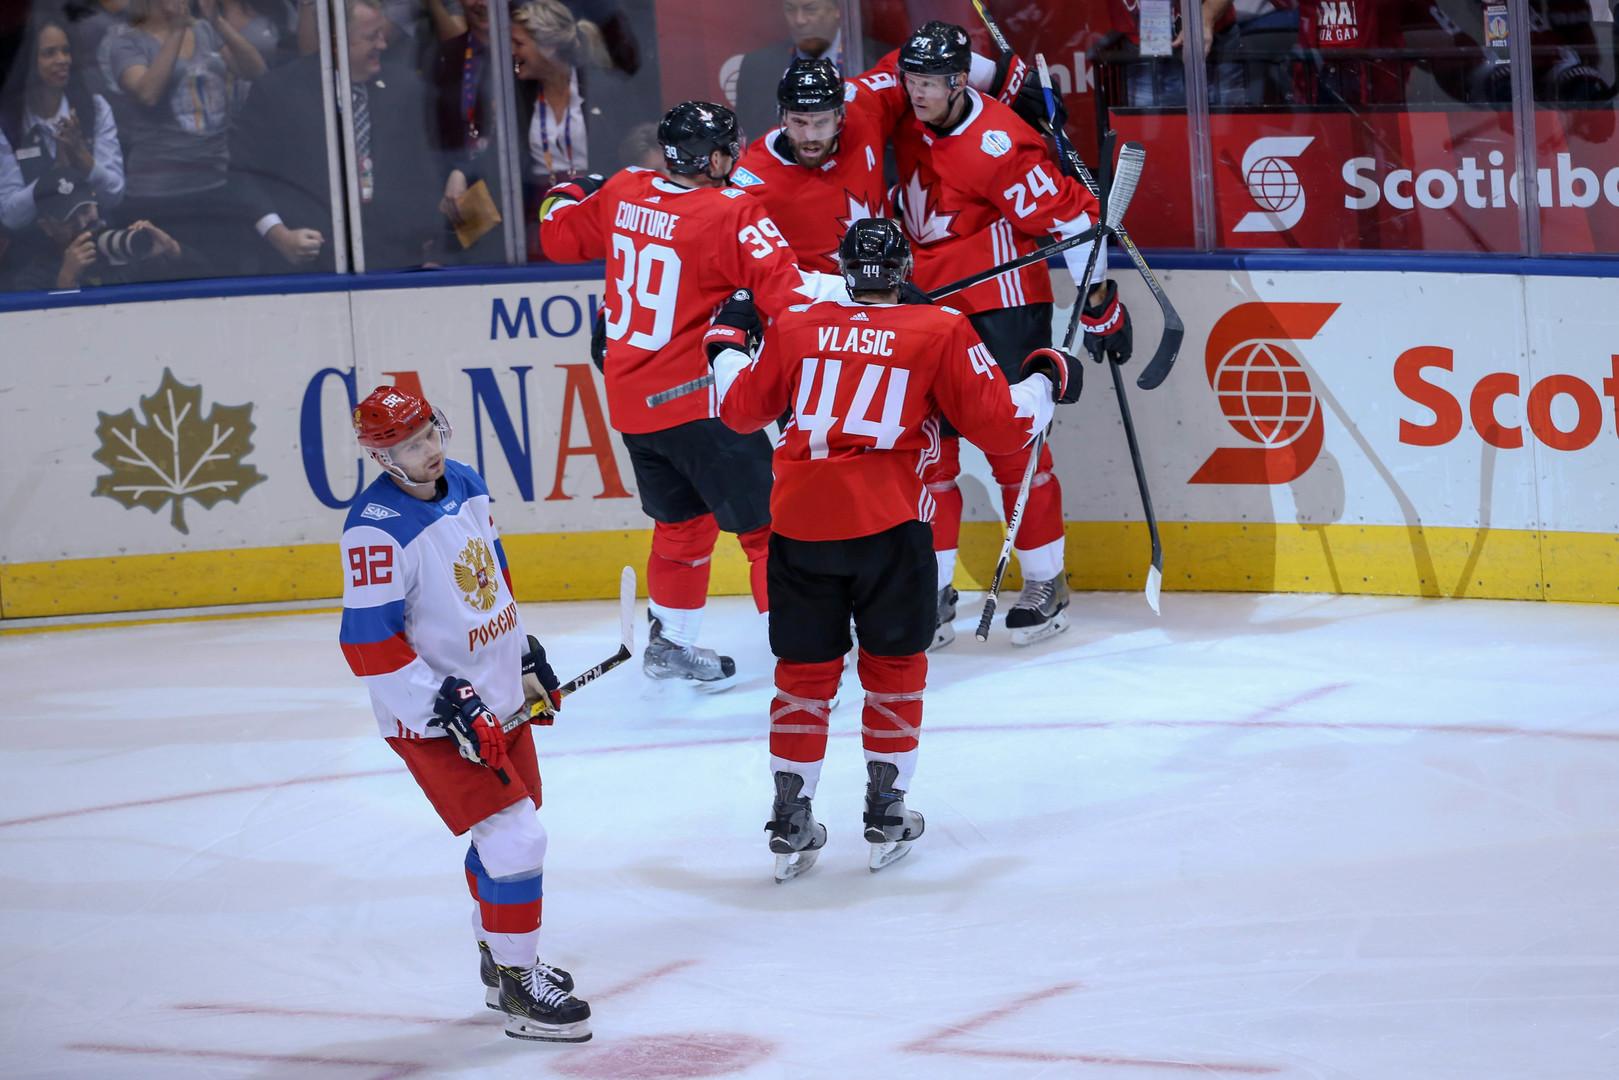 Канада обыграла Россию в полуфинальной встрече Кубка мира по хоккею